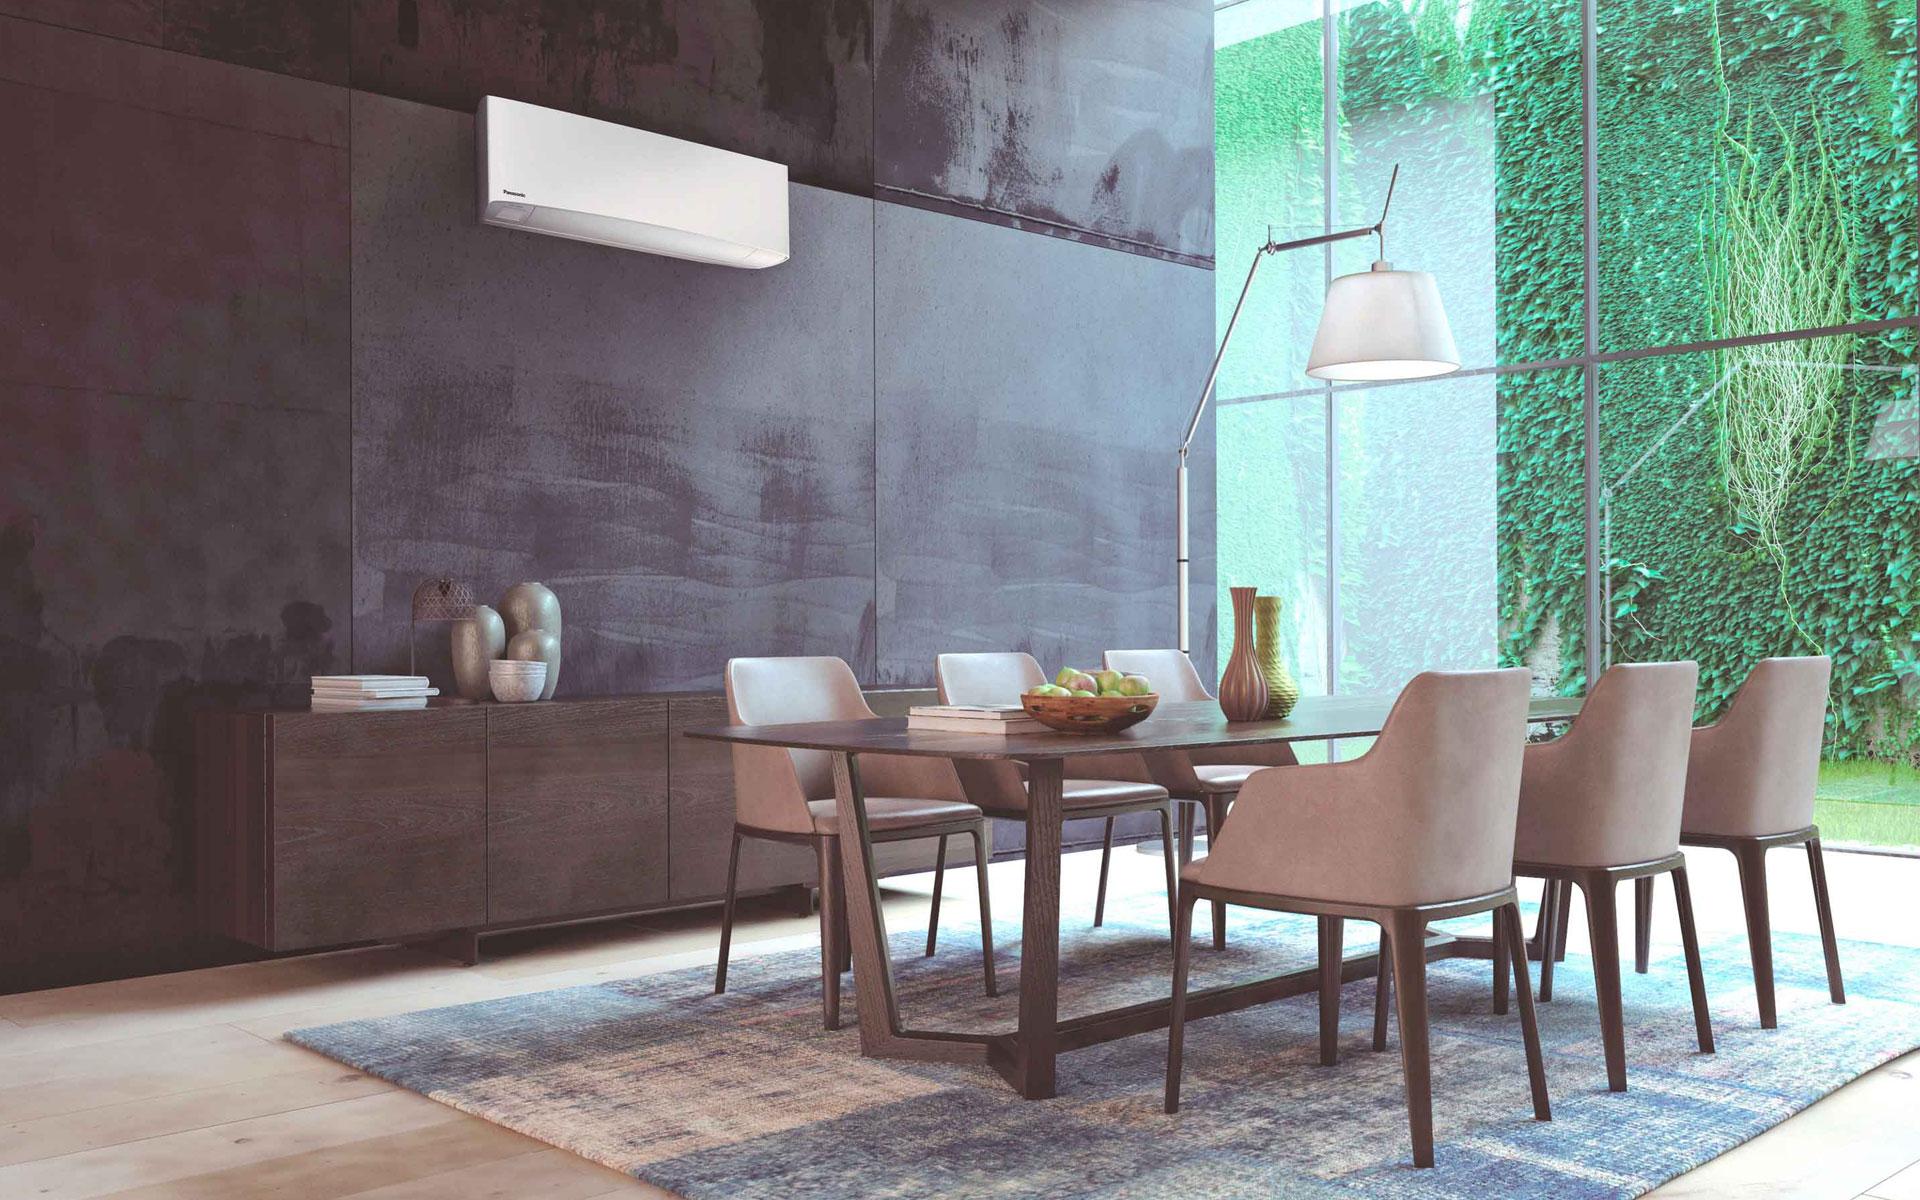 Idrothermo Green si occupa della vendita e dell'installazione di condizionatori a Milano